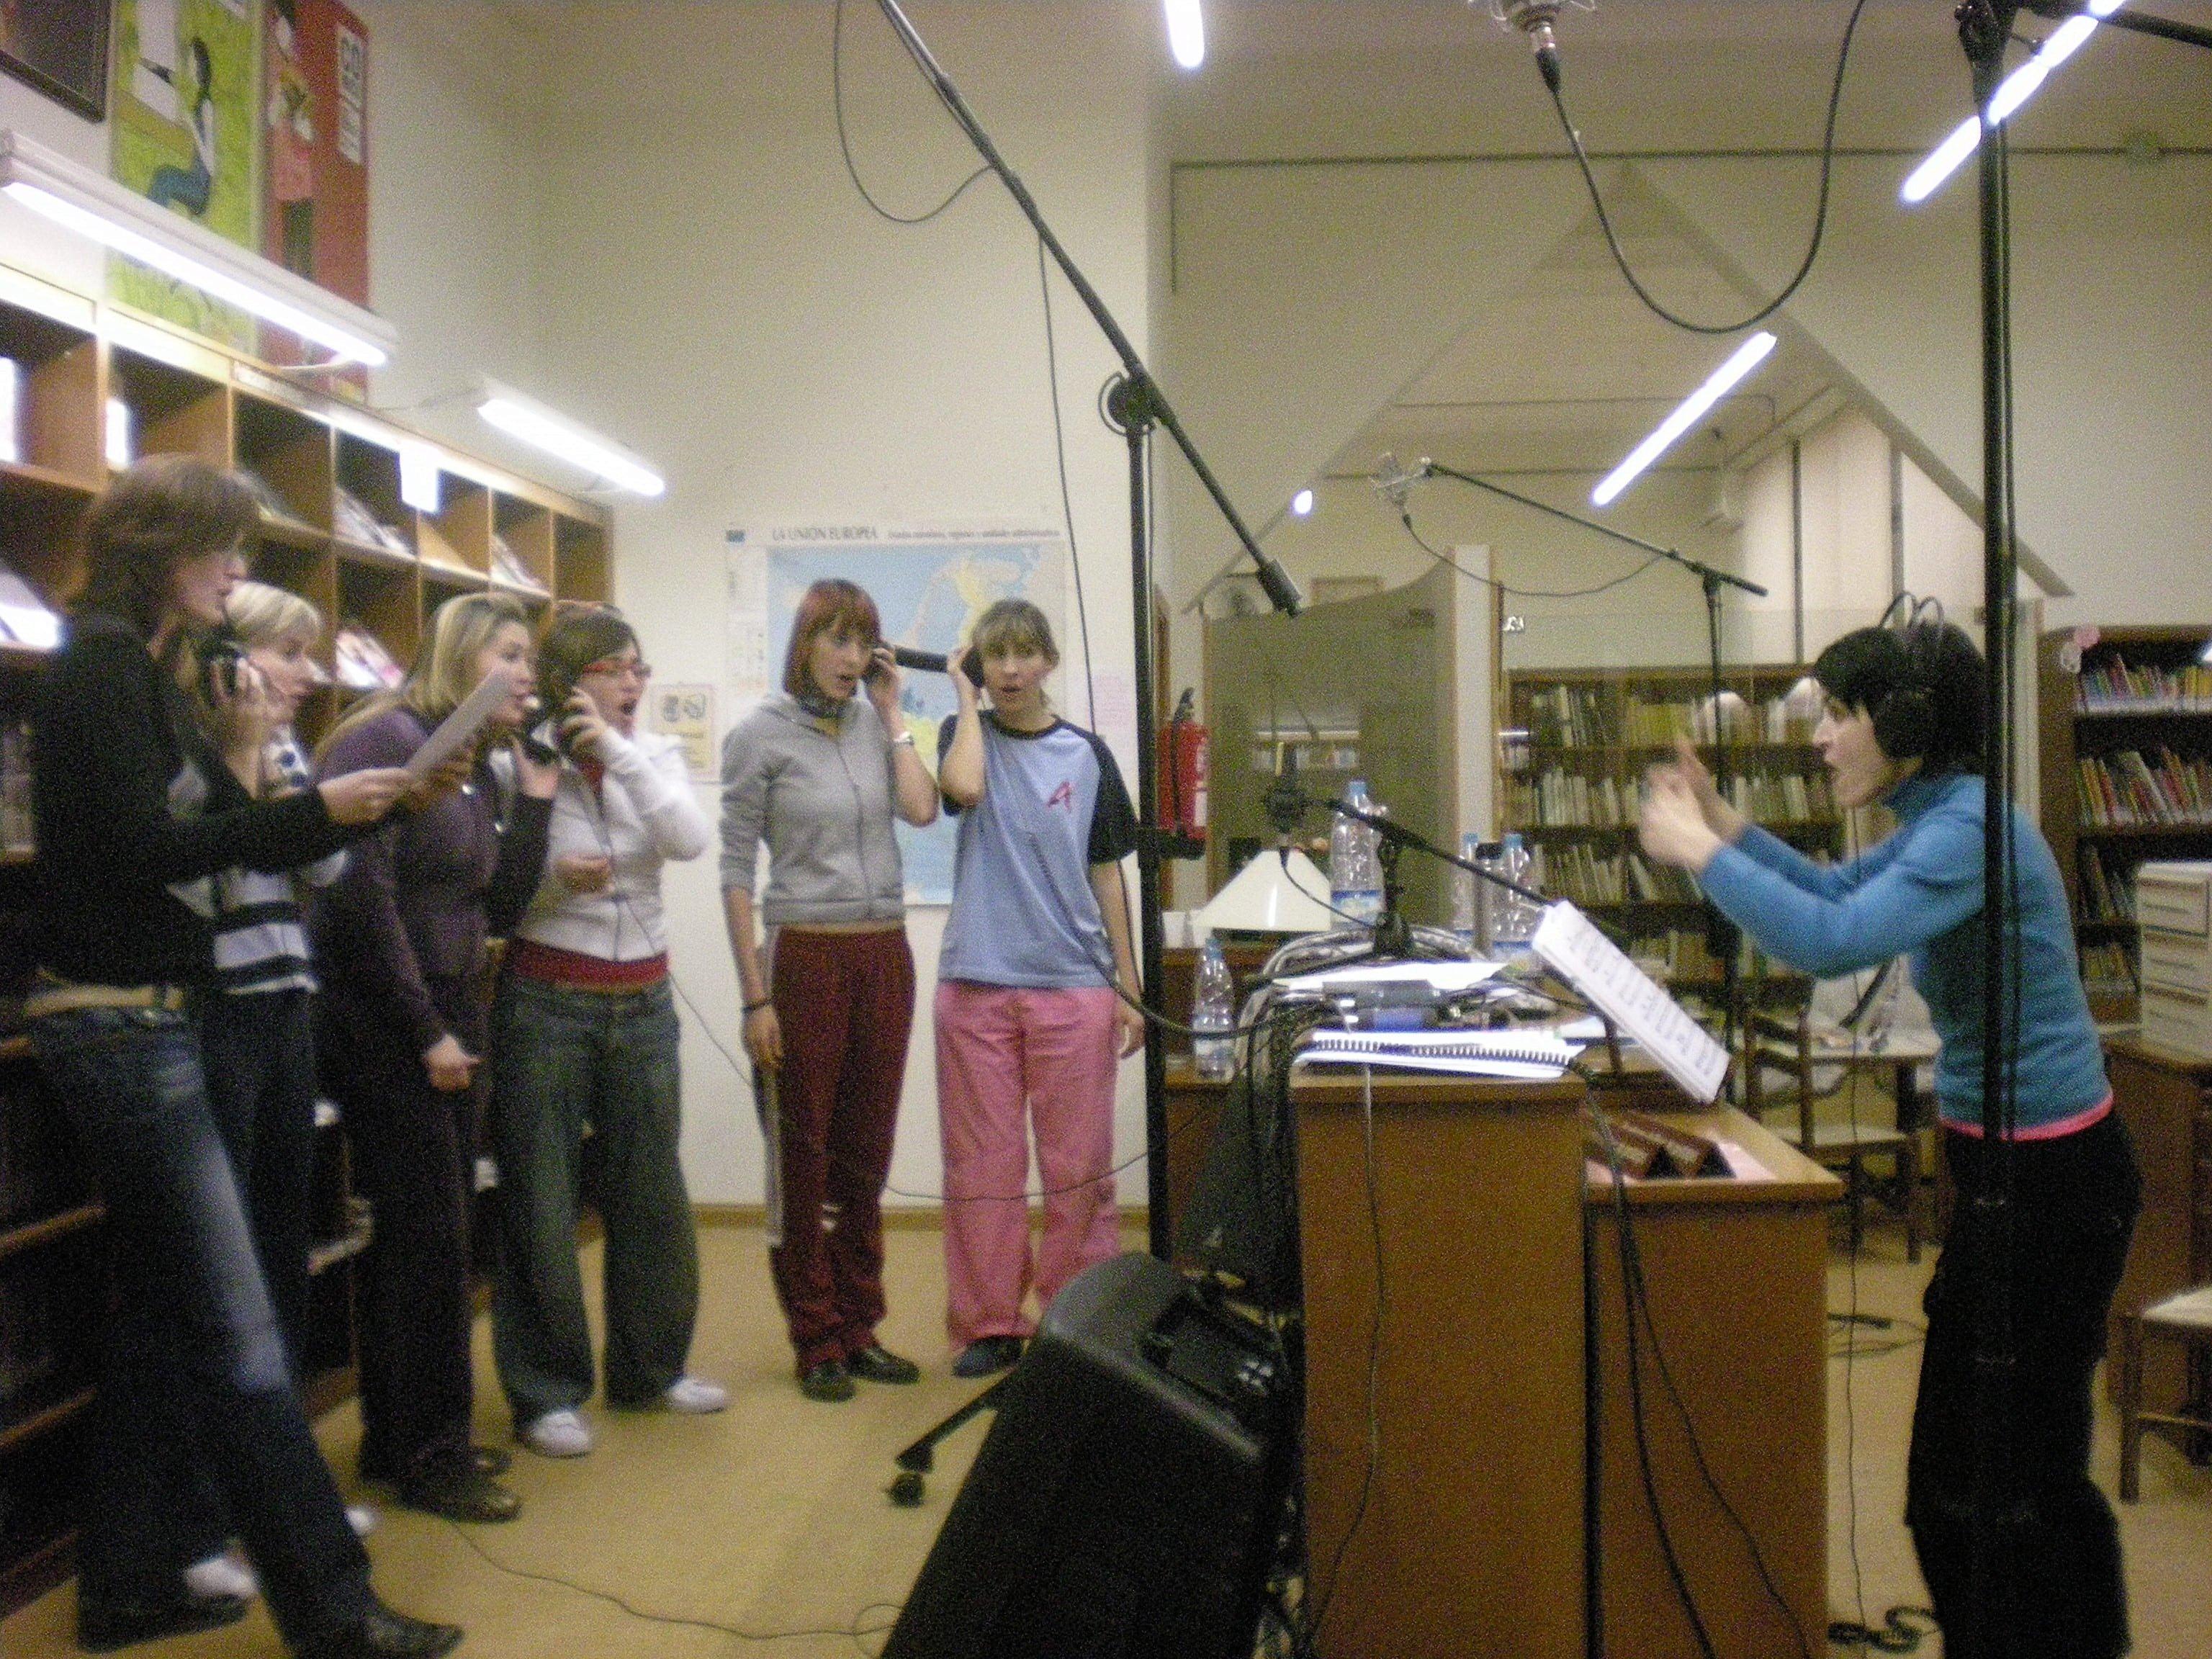 Foto durant la gravació del CD de la Coral Ginestell a la biblioteca Josep Lladonosa d'Alguaire